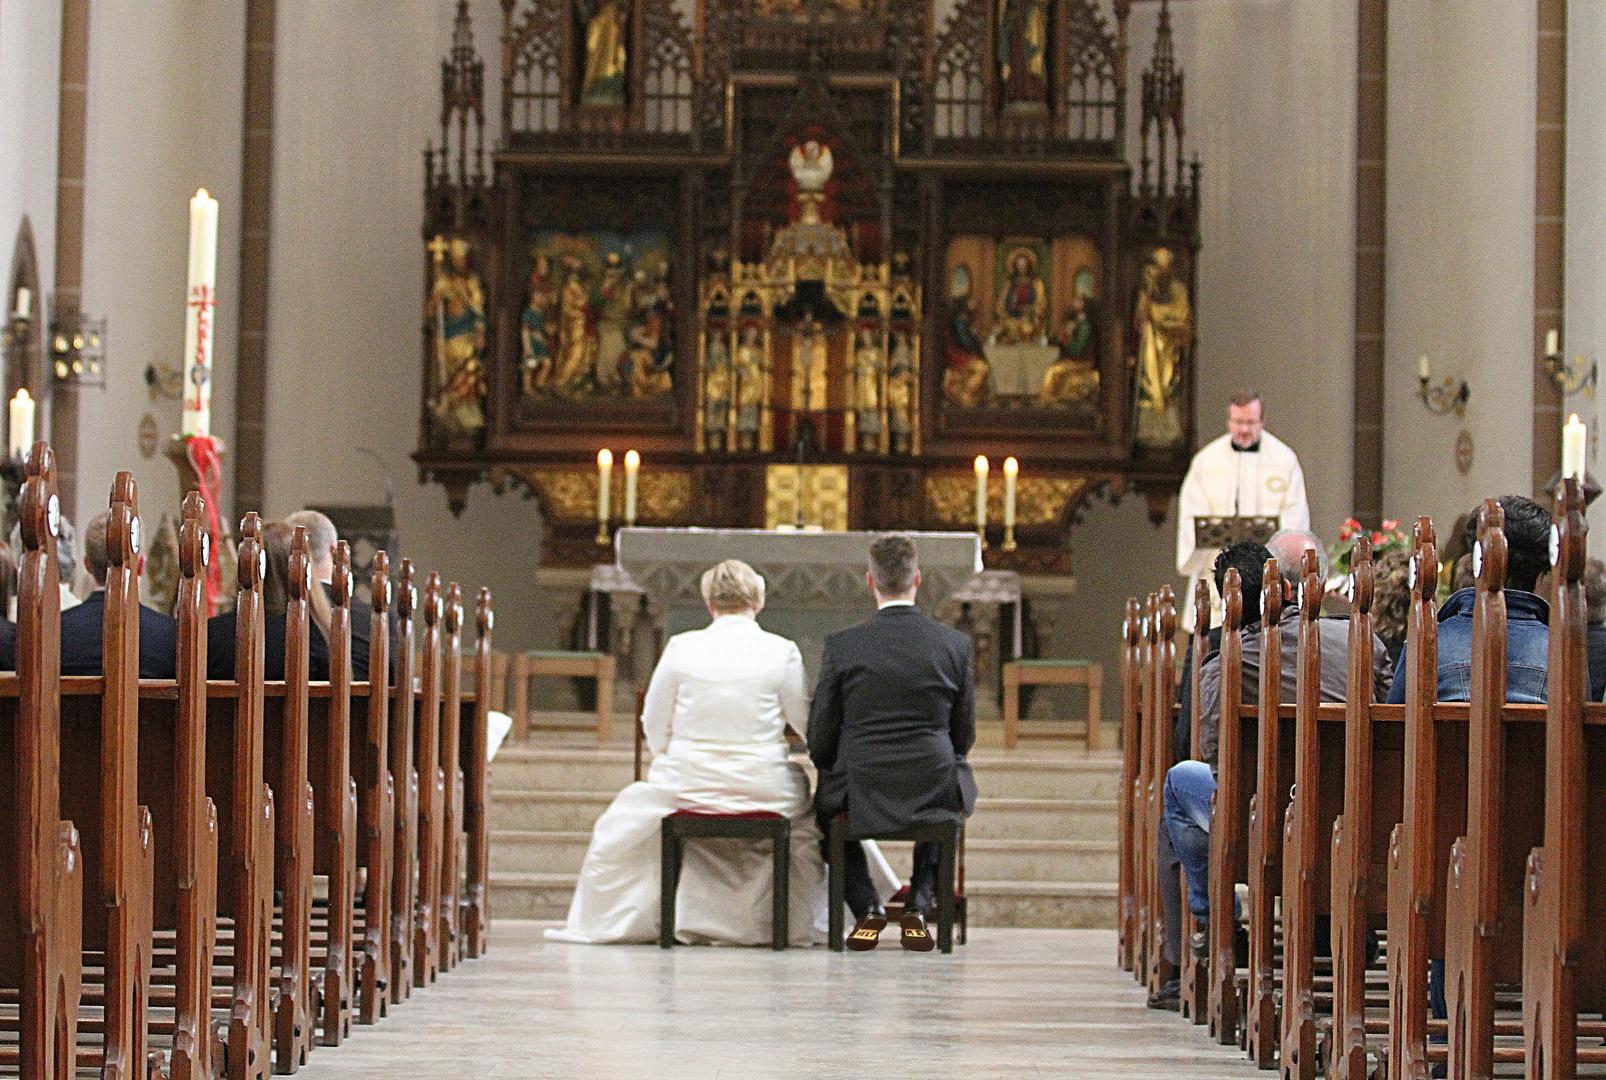 Help Me Foto Bild Hochzeit Story Wedding Bilder Auf